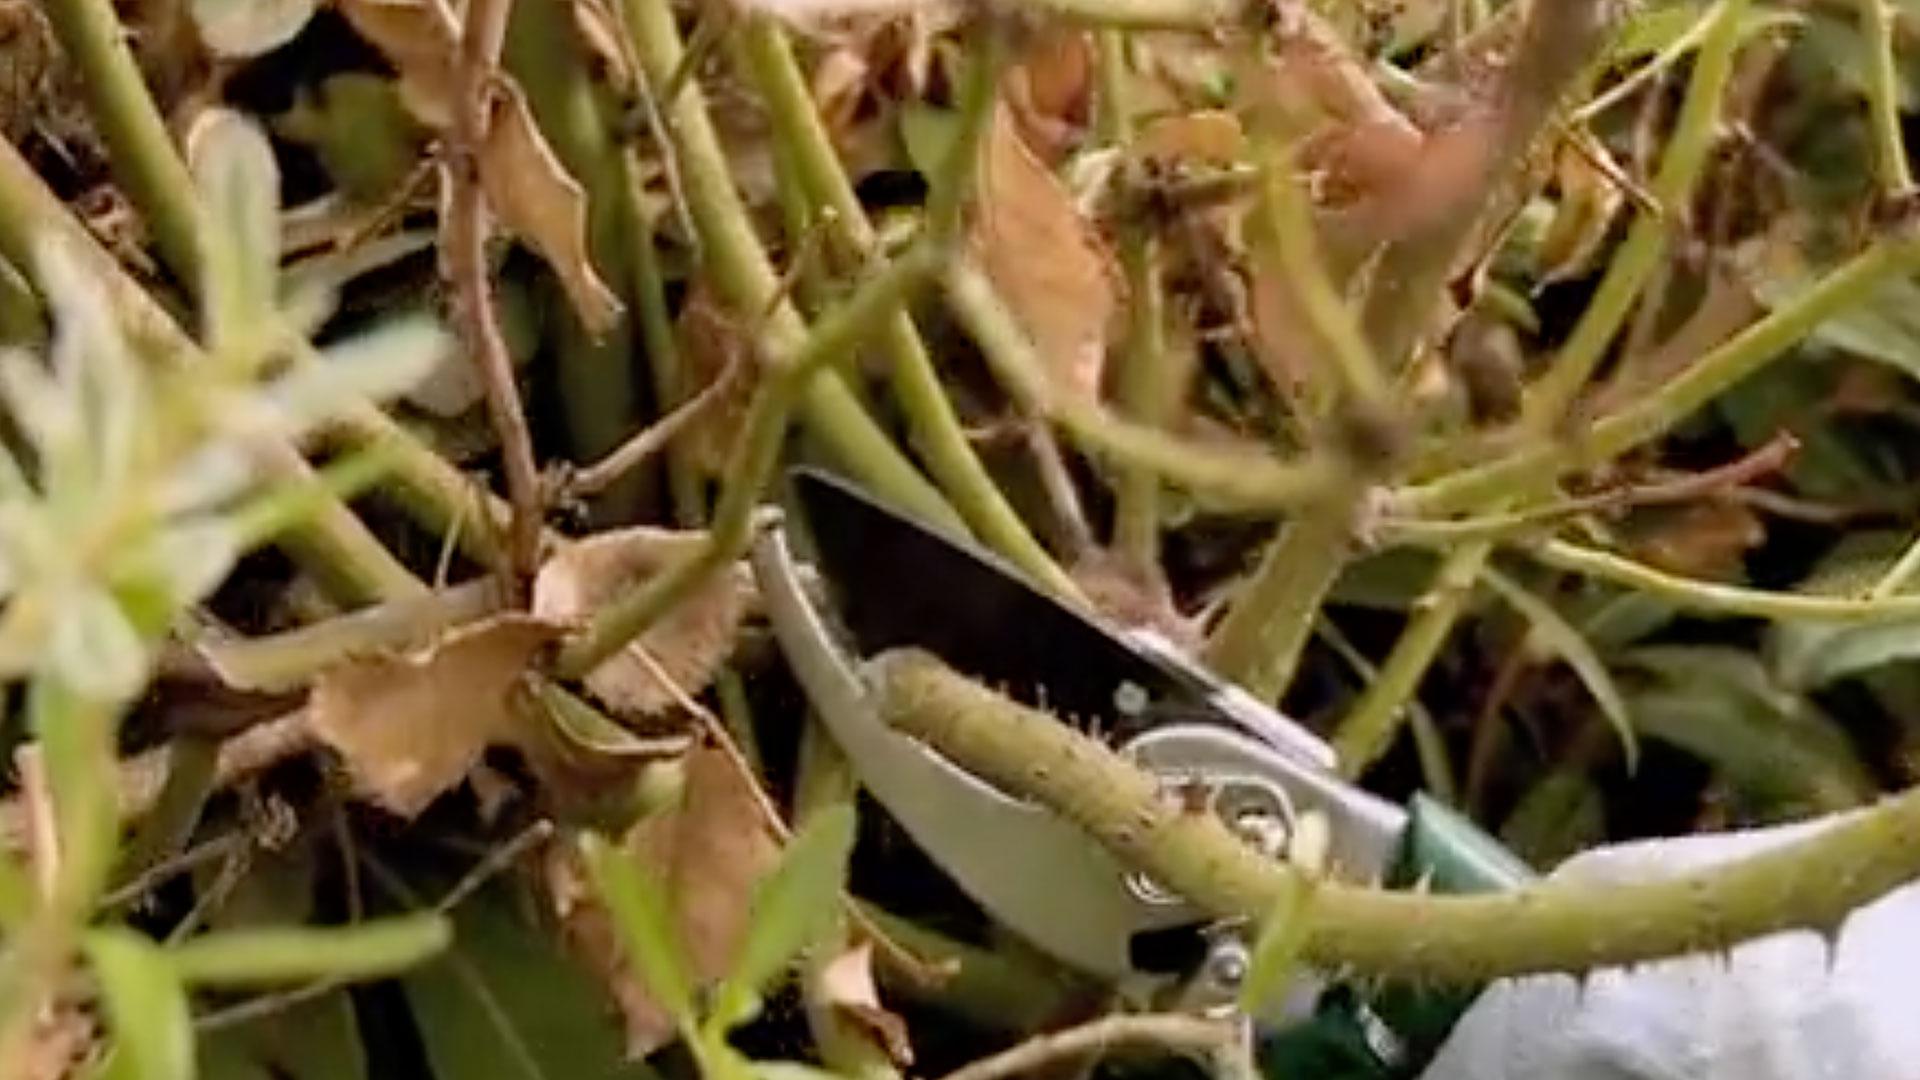 La poda de rosas consiste en la eliminación de ramas secas y débiles para ayudar a mantener a la planta de forma vigorosa y con una buena floración. Una correcta poda en invierno hará que el arbusto se desarrolle sanamente, con un abundante follaje y floración.